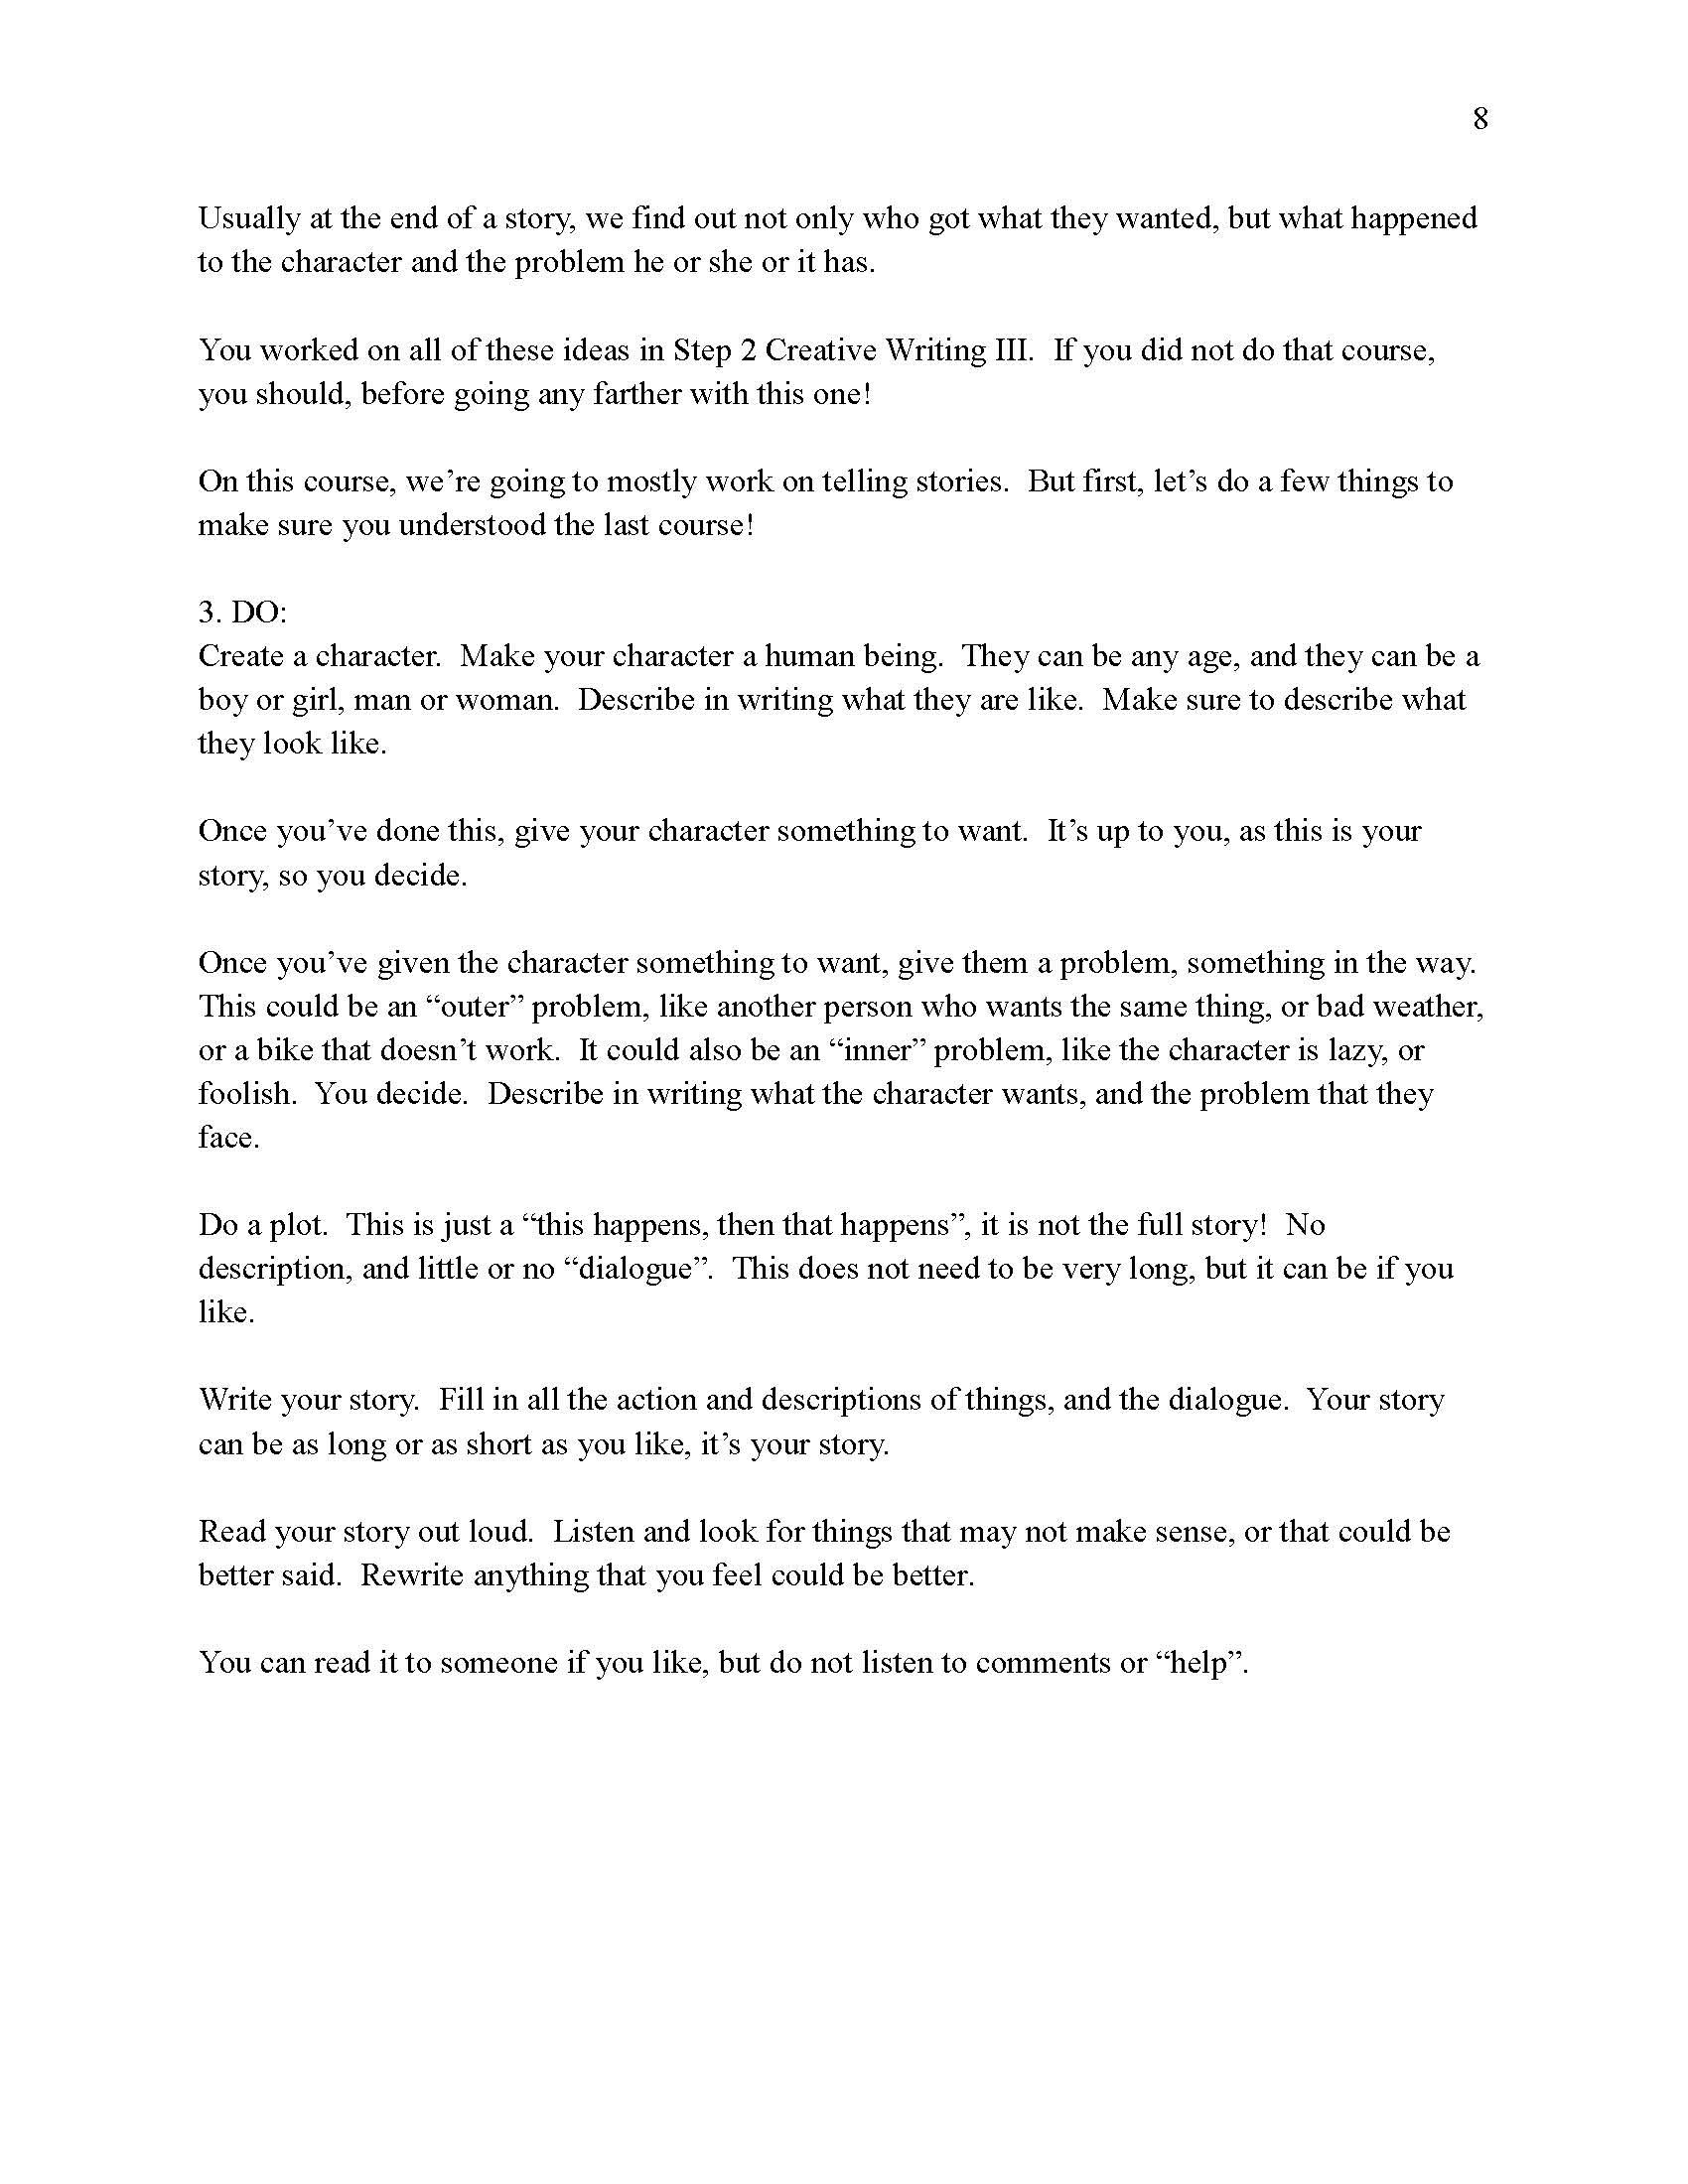 Step 2 Creative Writing 4_Page_09.jpg